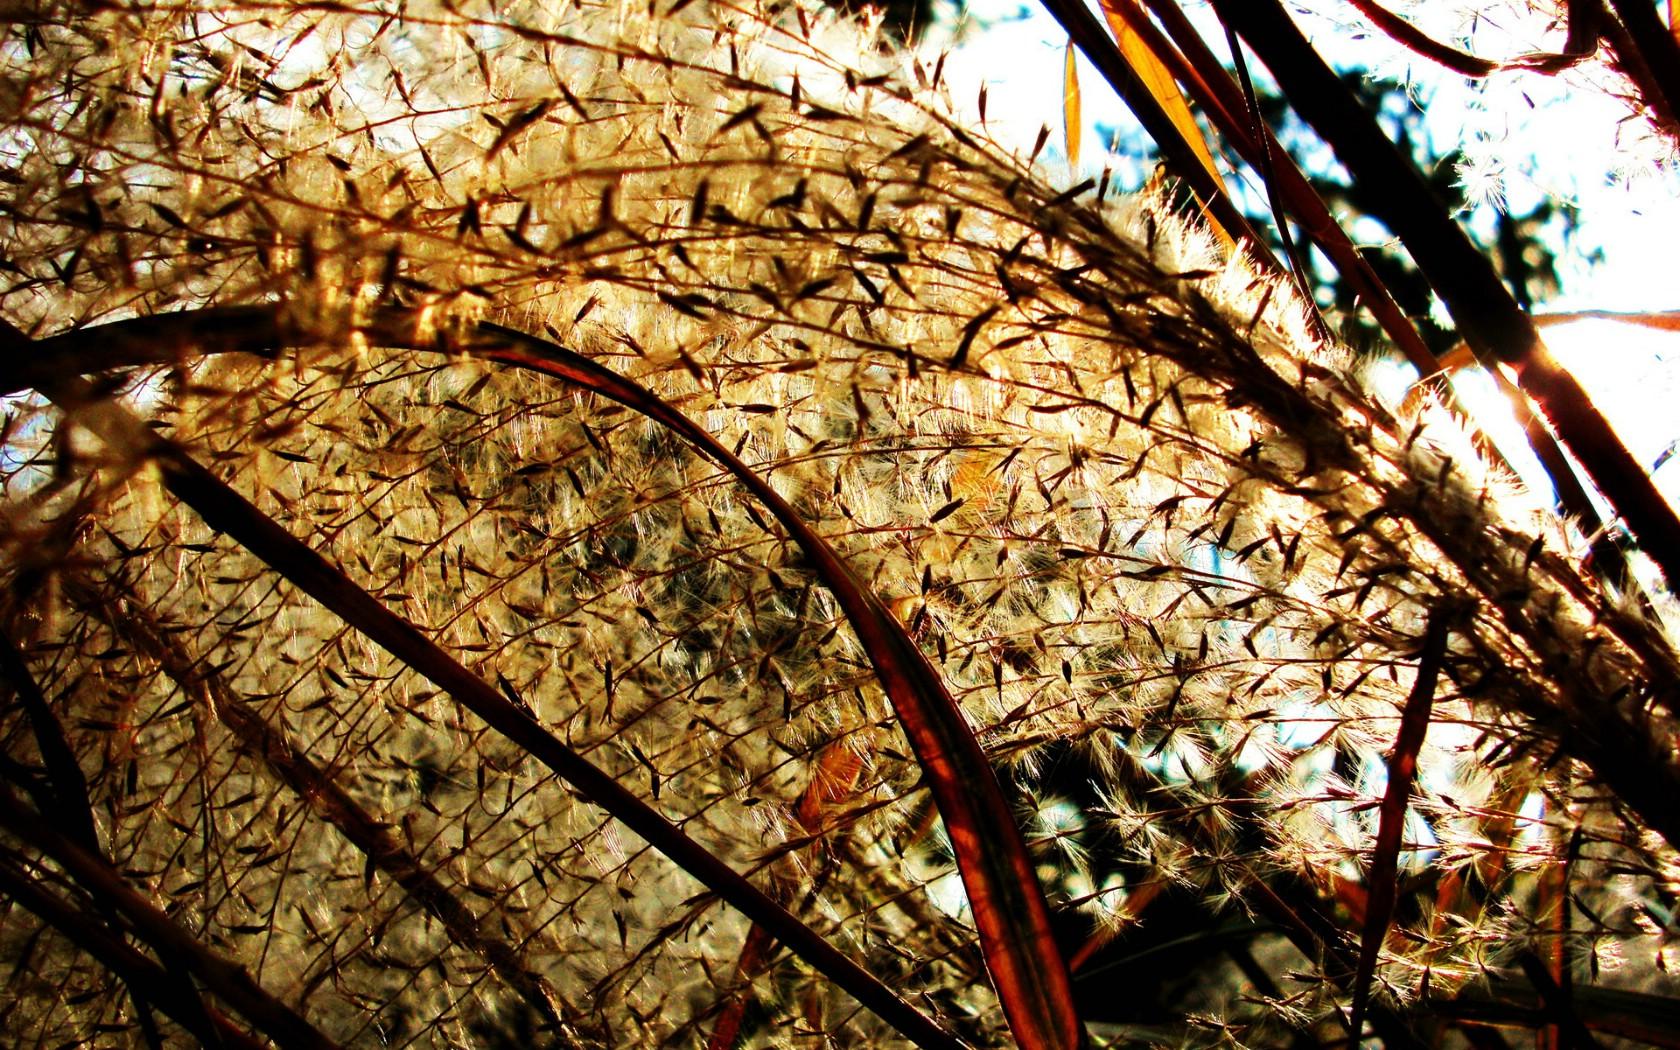 壁纸1680×1050日本随拍之游 风光风景植物宽屏壁纸 壁纸3壁纸 日本随拍之游 风光风壁纸图片风景壁纸风景图片素材桌面壁纸